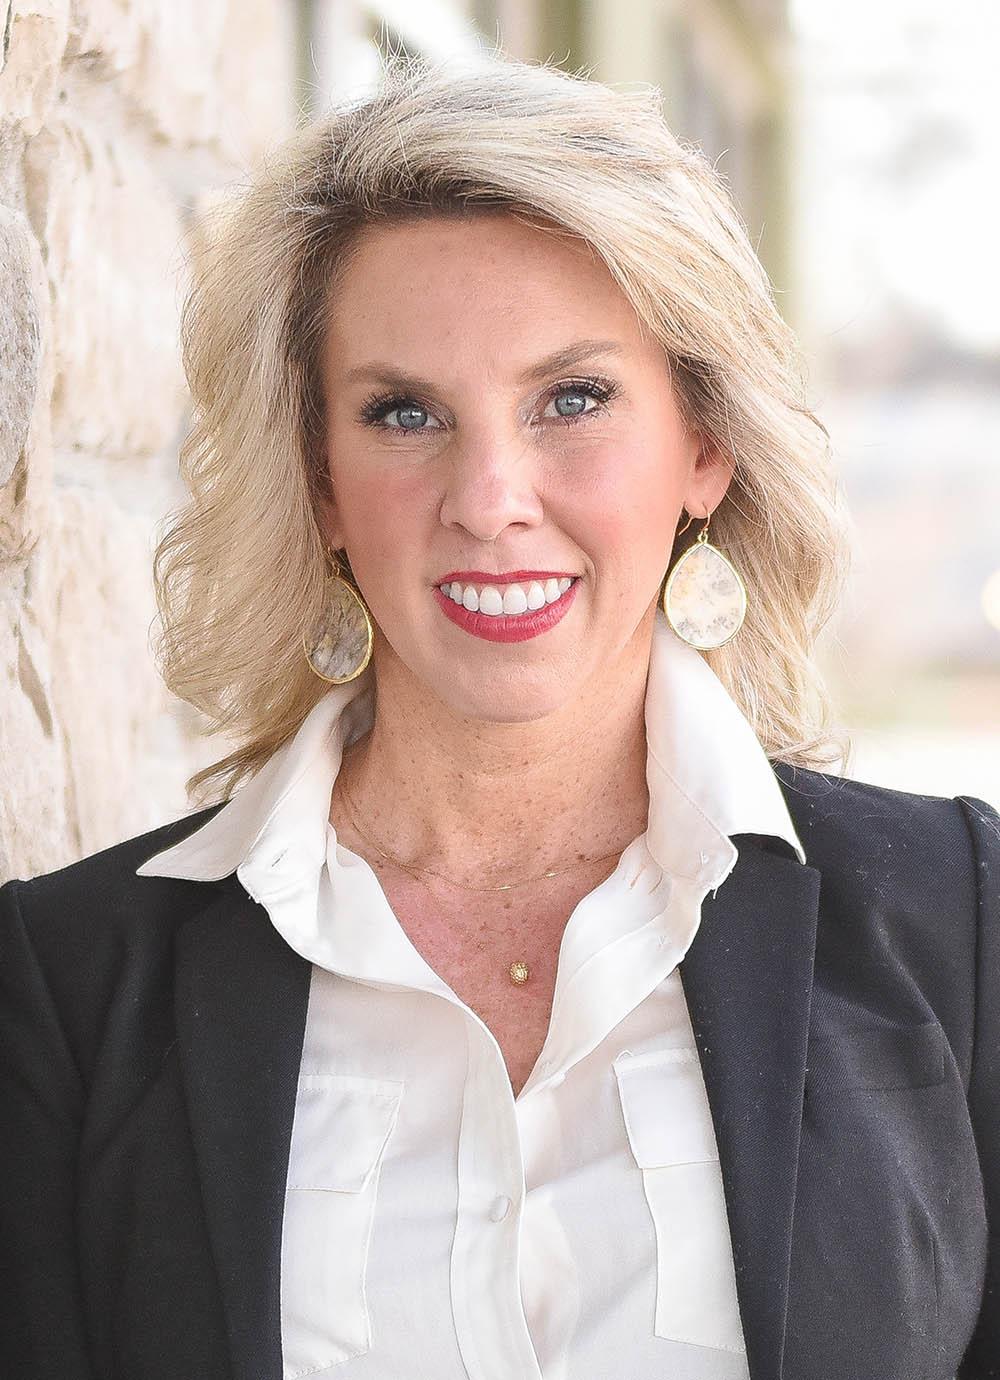 Tonya Hutzel